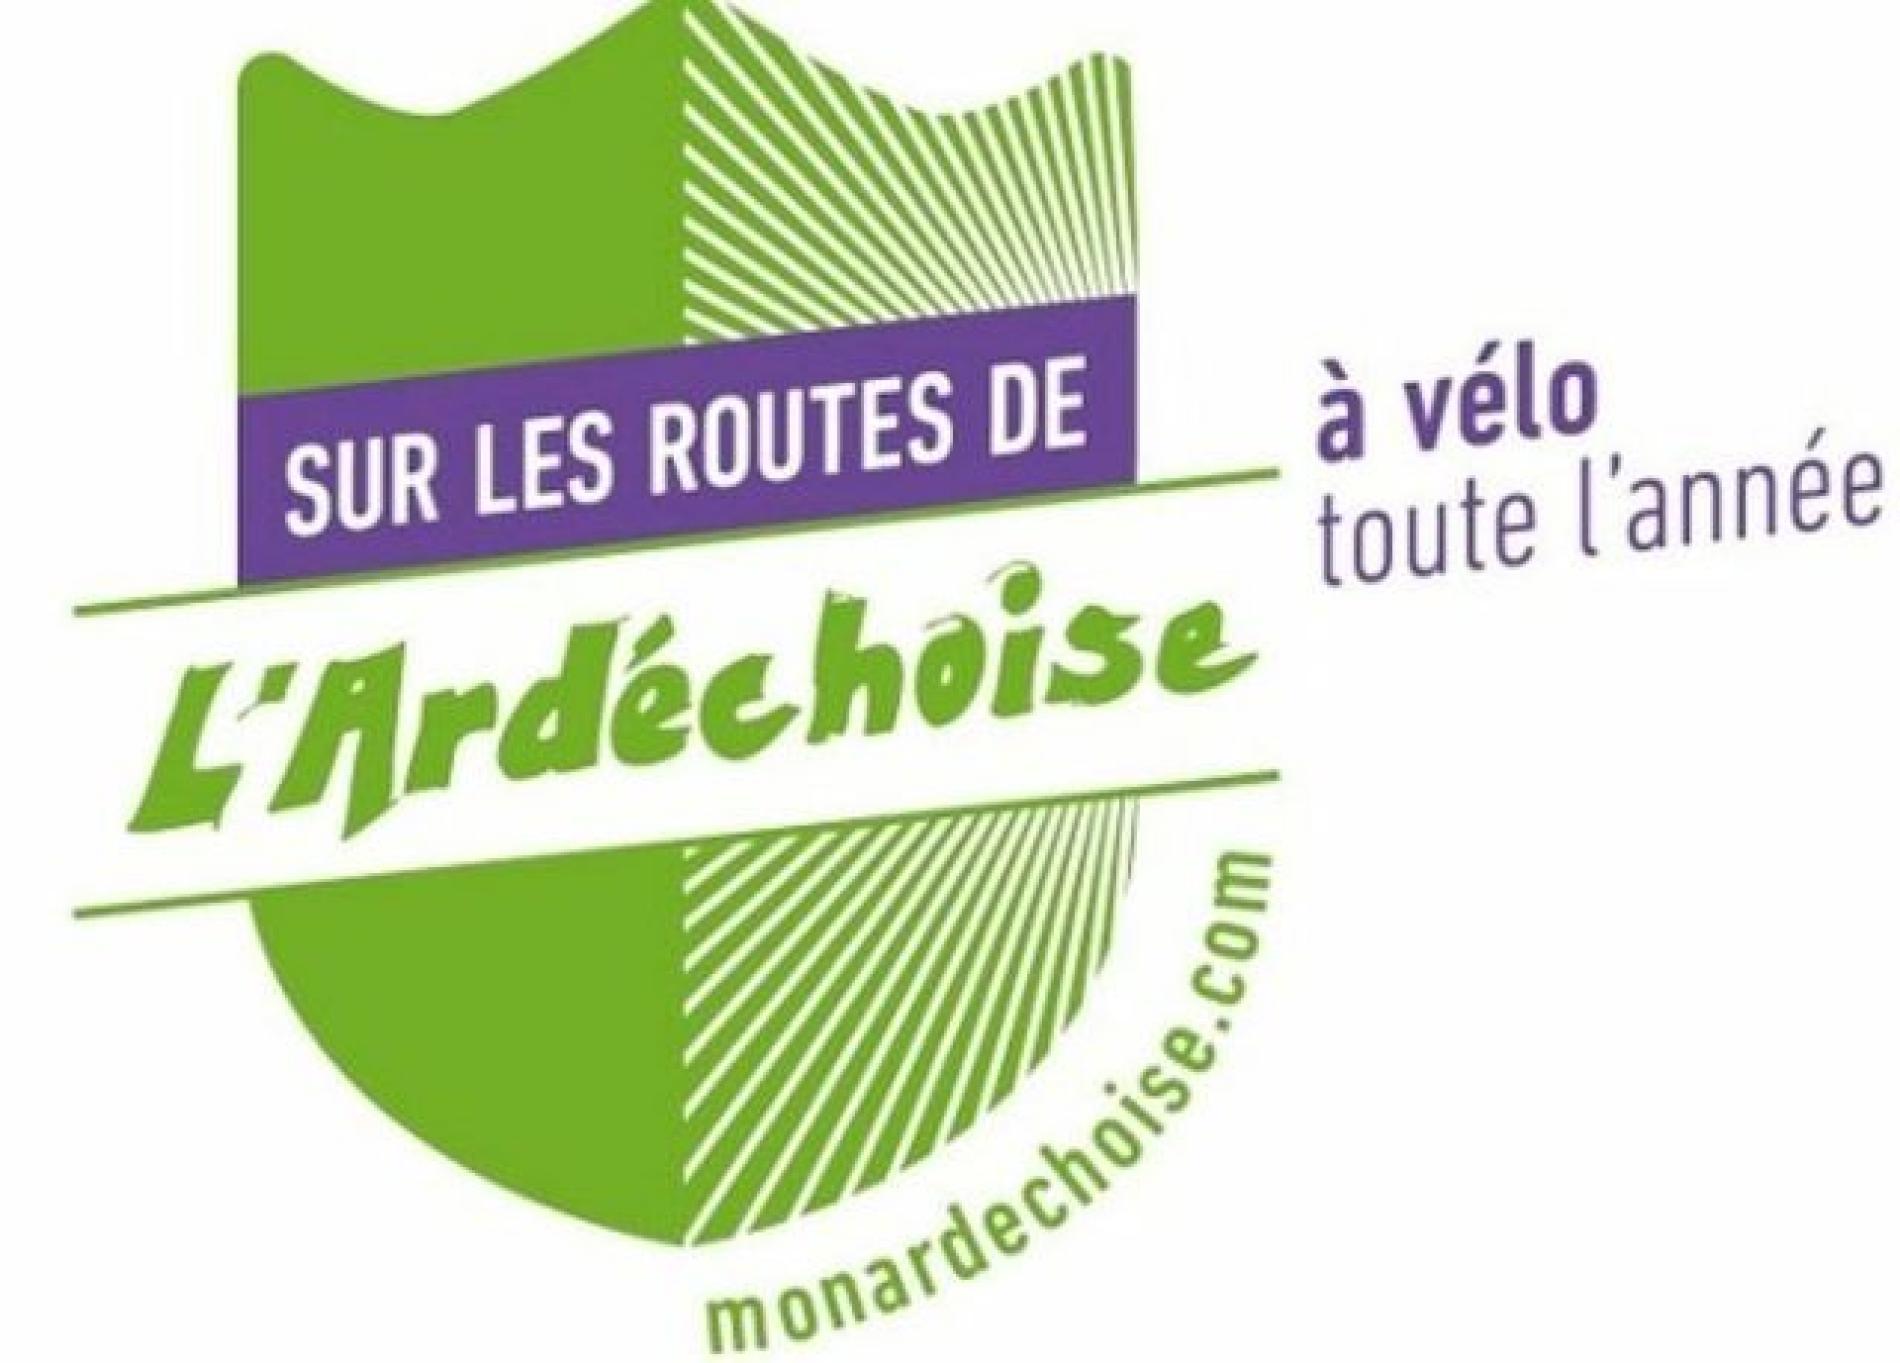 Hôtel labellisé  sur les routes de L'ardéchoise